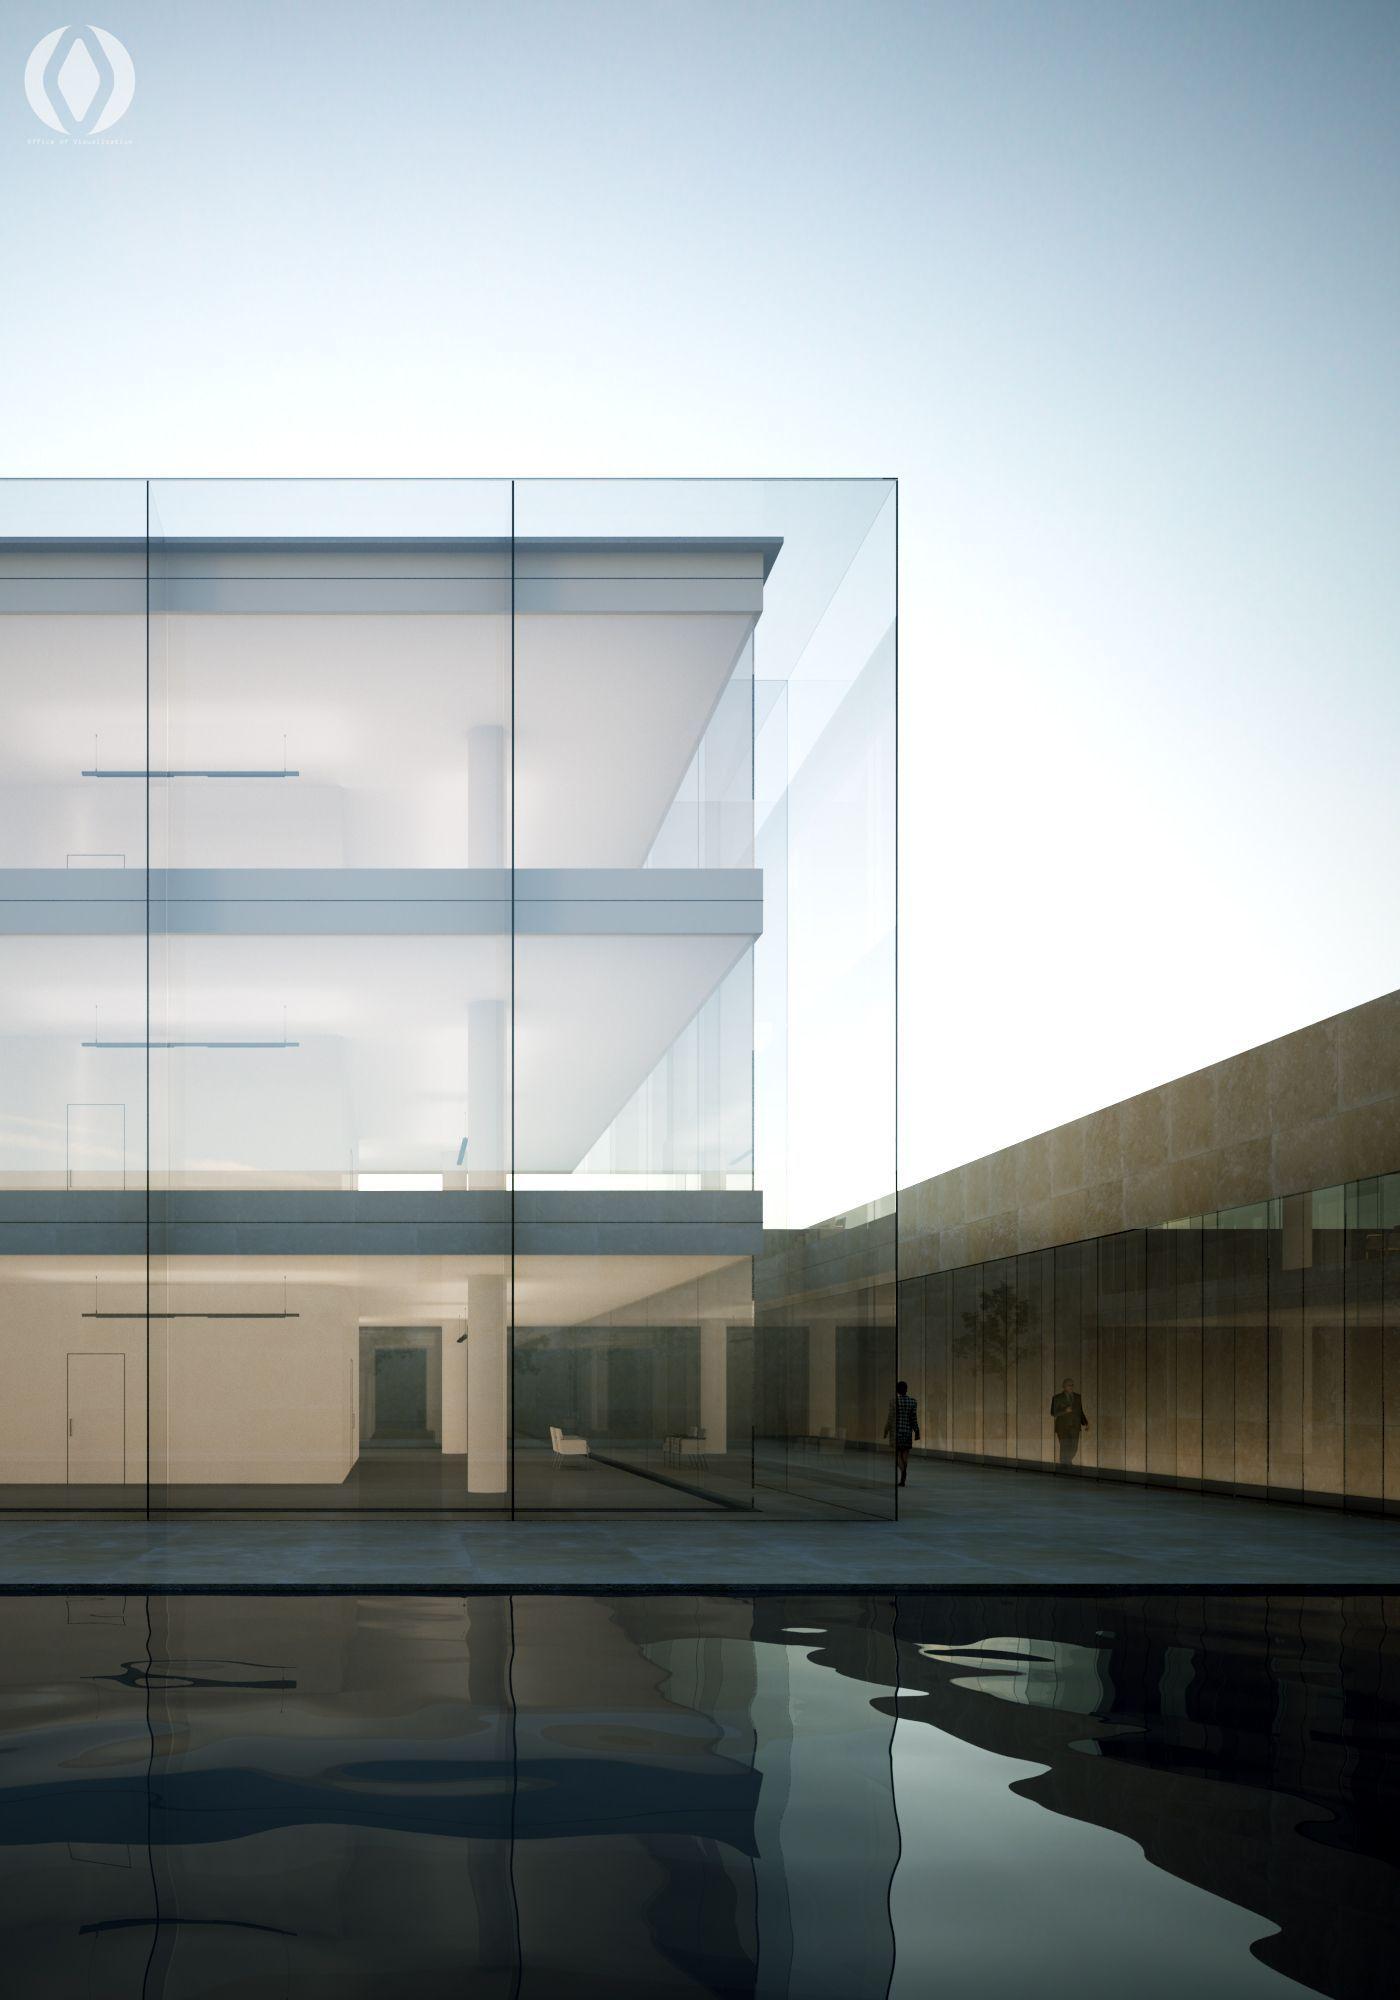 Praca pedra google zoeken architecture for Architect zoeken